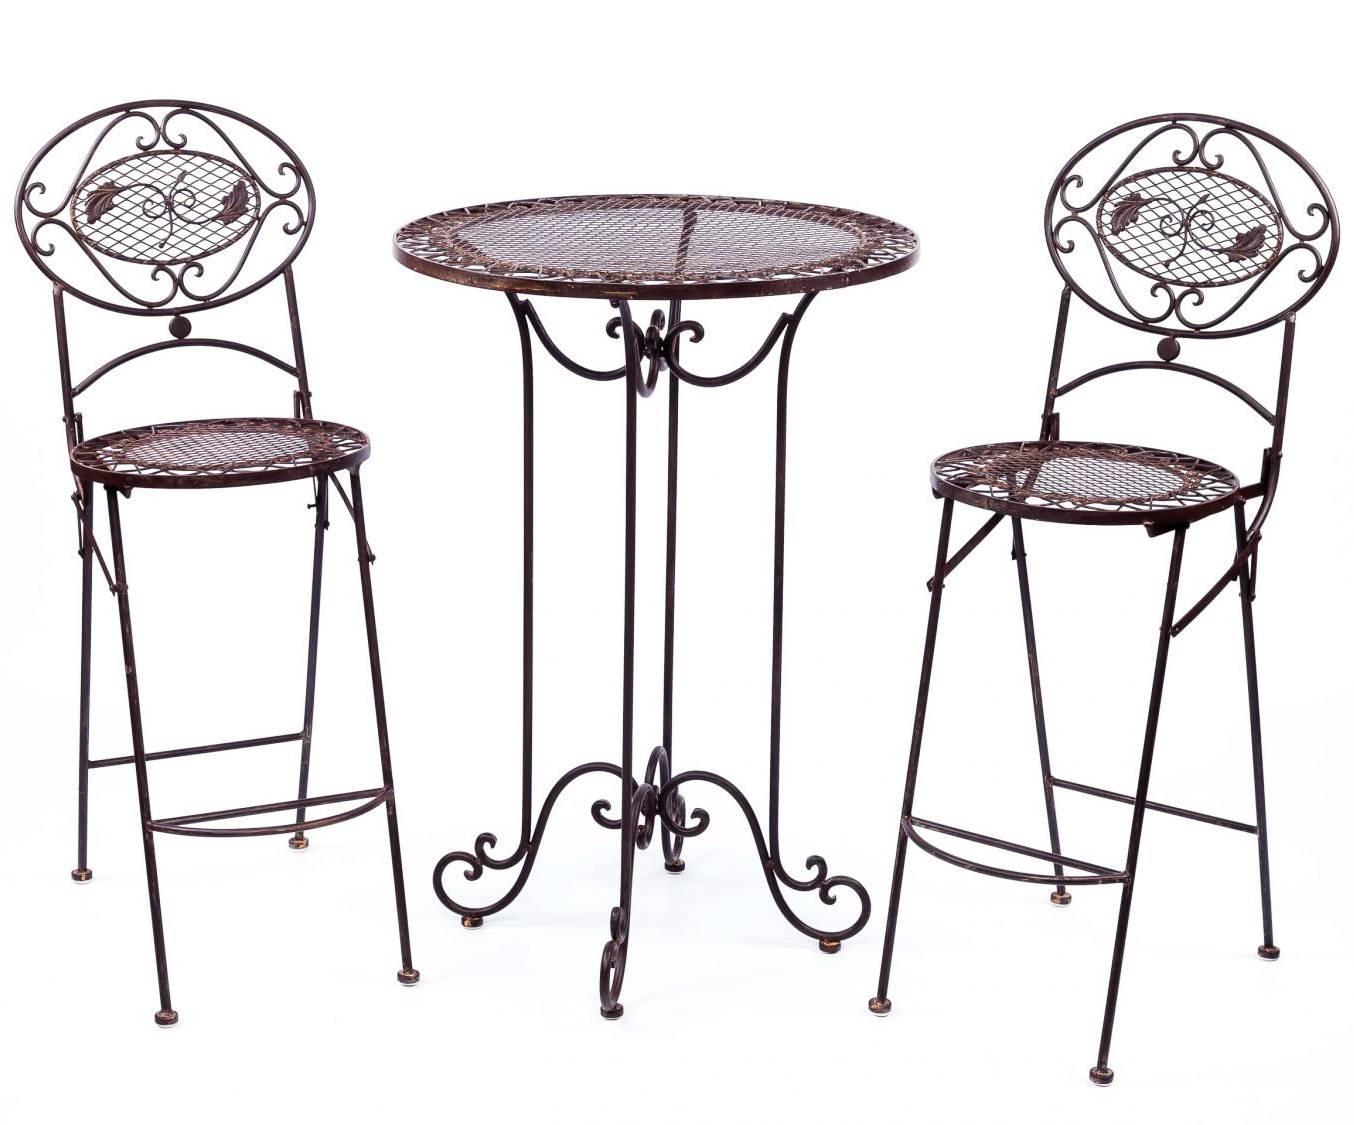 Chaise mange debout elegant les with chaise mange debout amazing ensemble de jardin en - Chaise haute pour mange debout ...